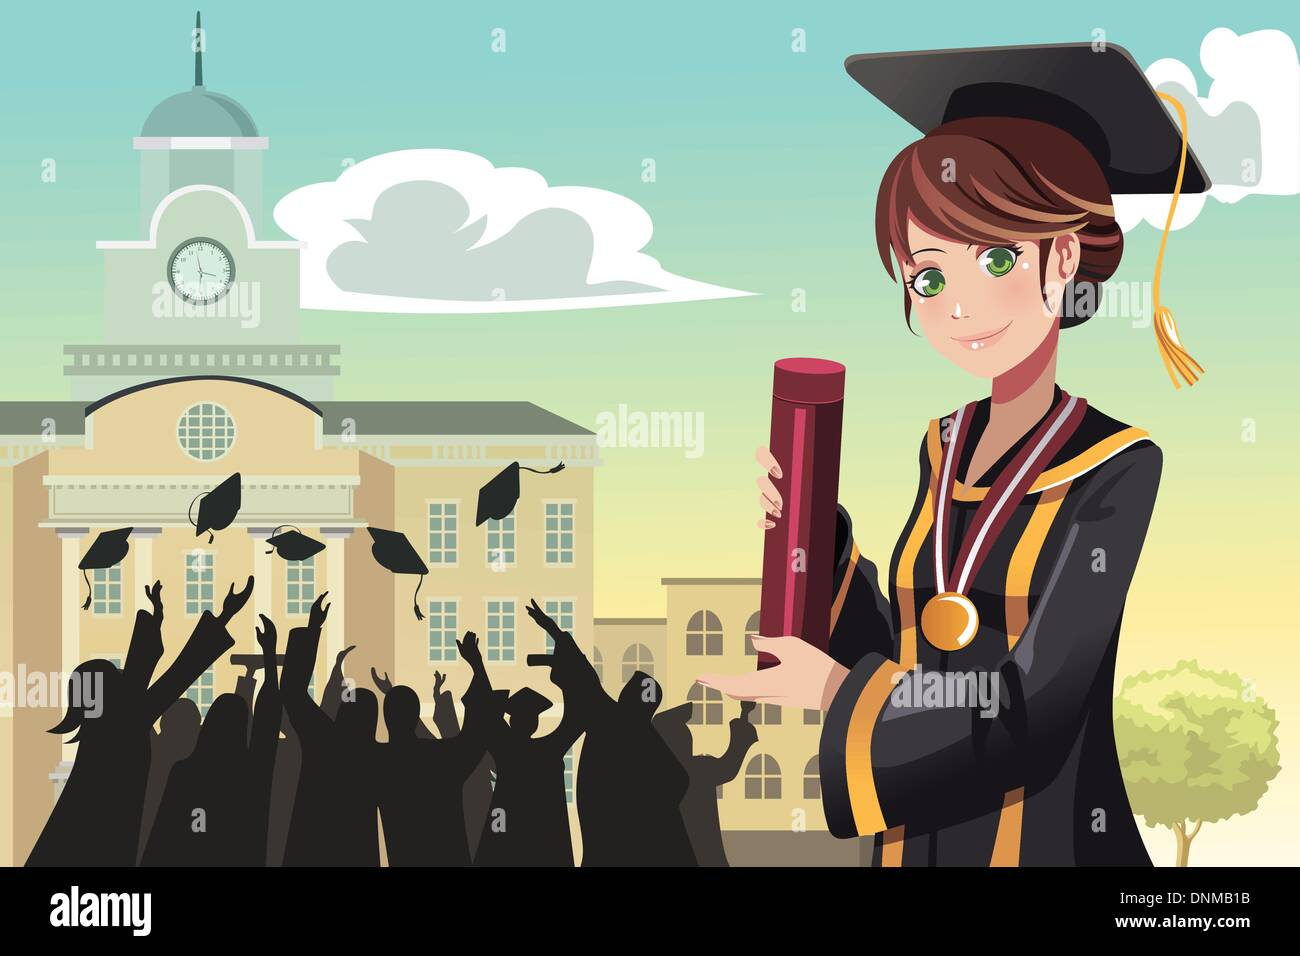 Una ilustración vectorial de una chica sujetando su diploma de graduación con sus amigos en el fondo Imagen De Stock